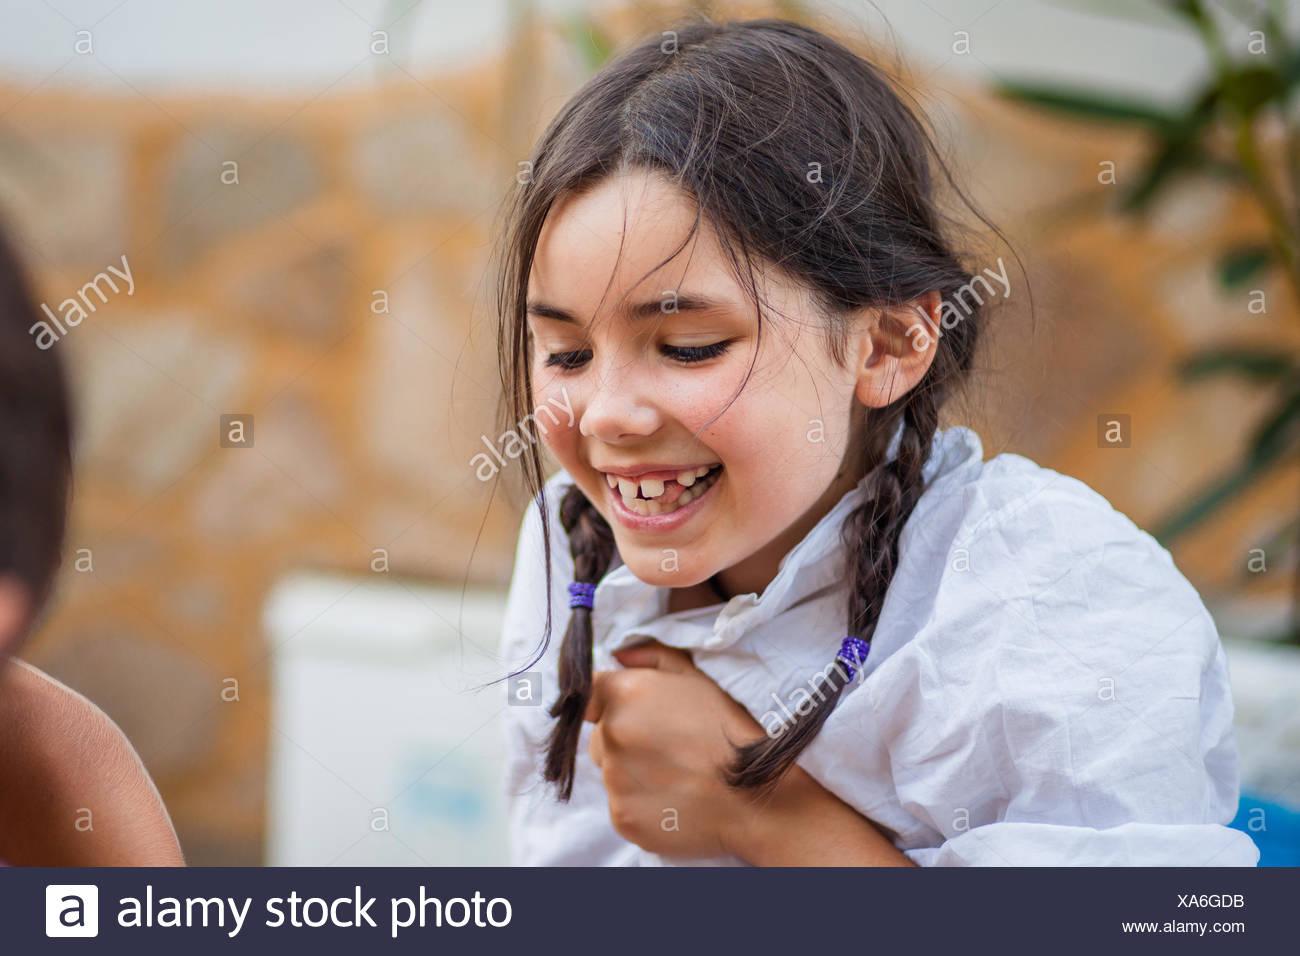 Bambina (6-7) con trecce e camicia bianca a ridere felicemente Immagini Stock